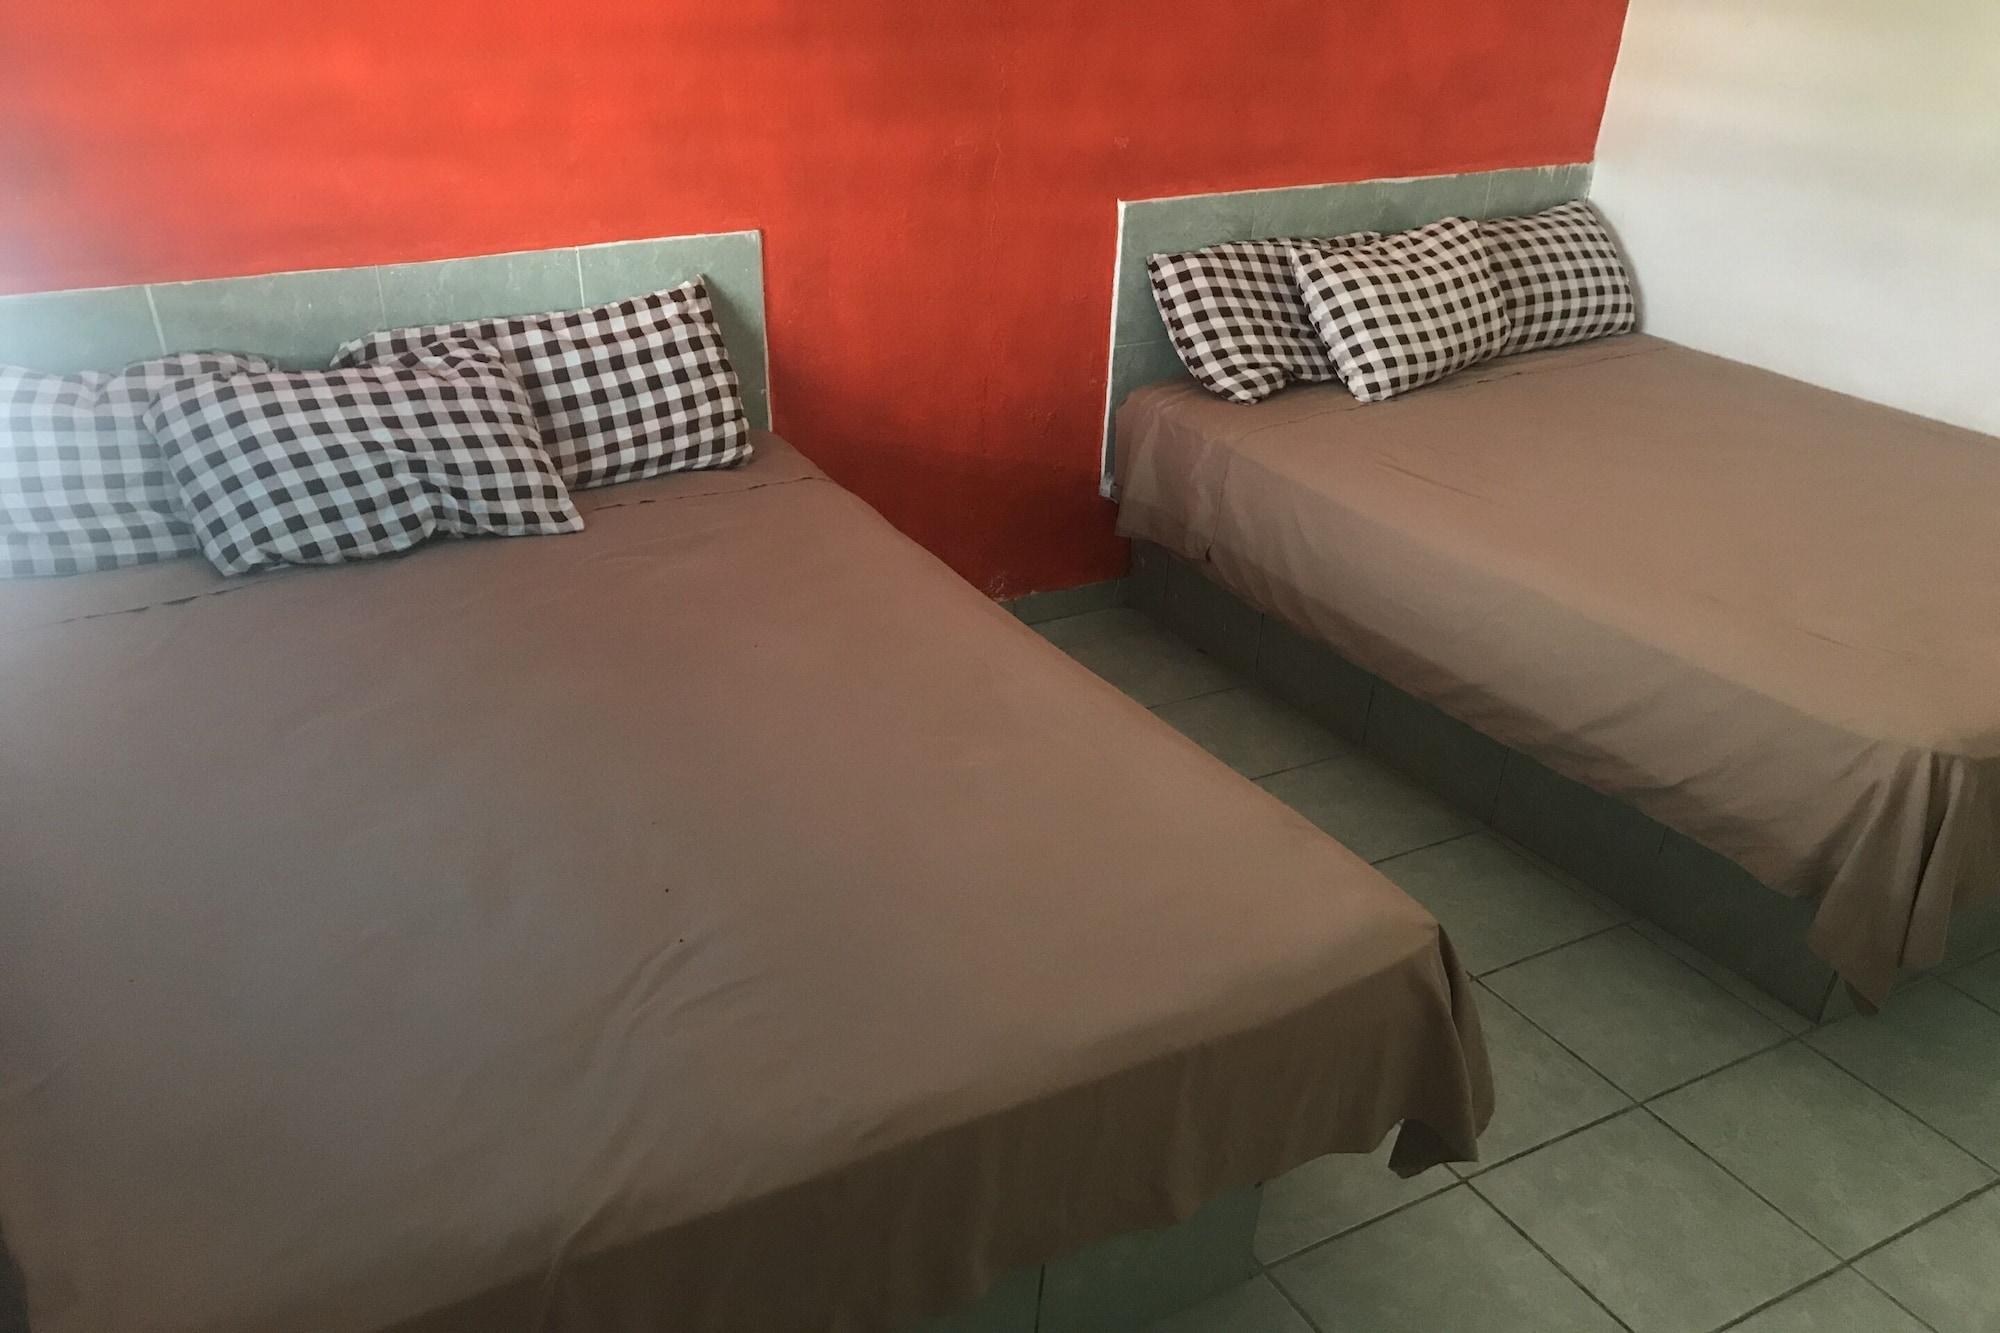 OYO Hotel El Paraiso, Huimanguillo